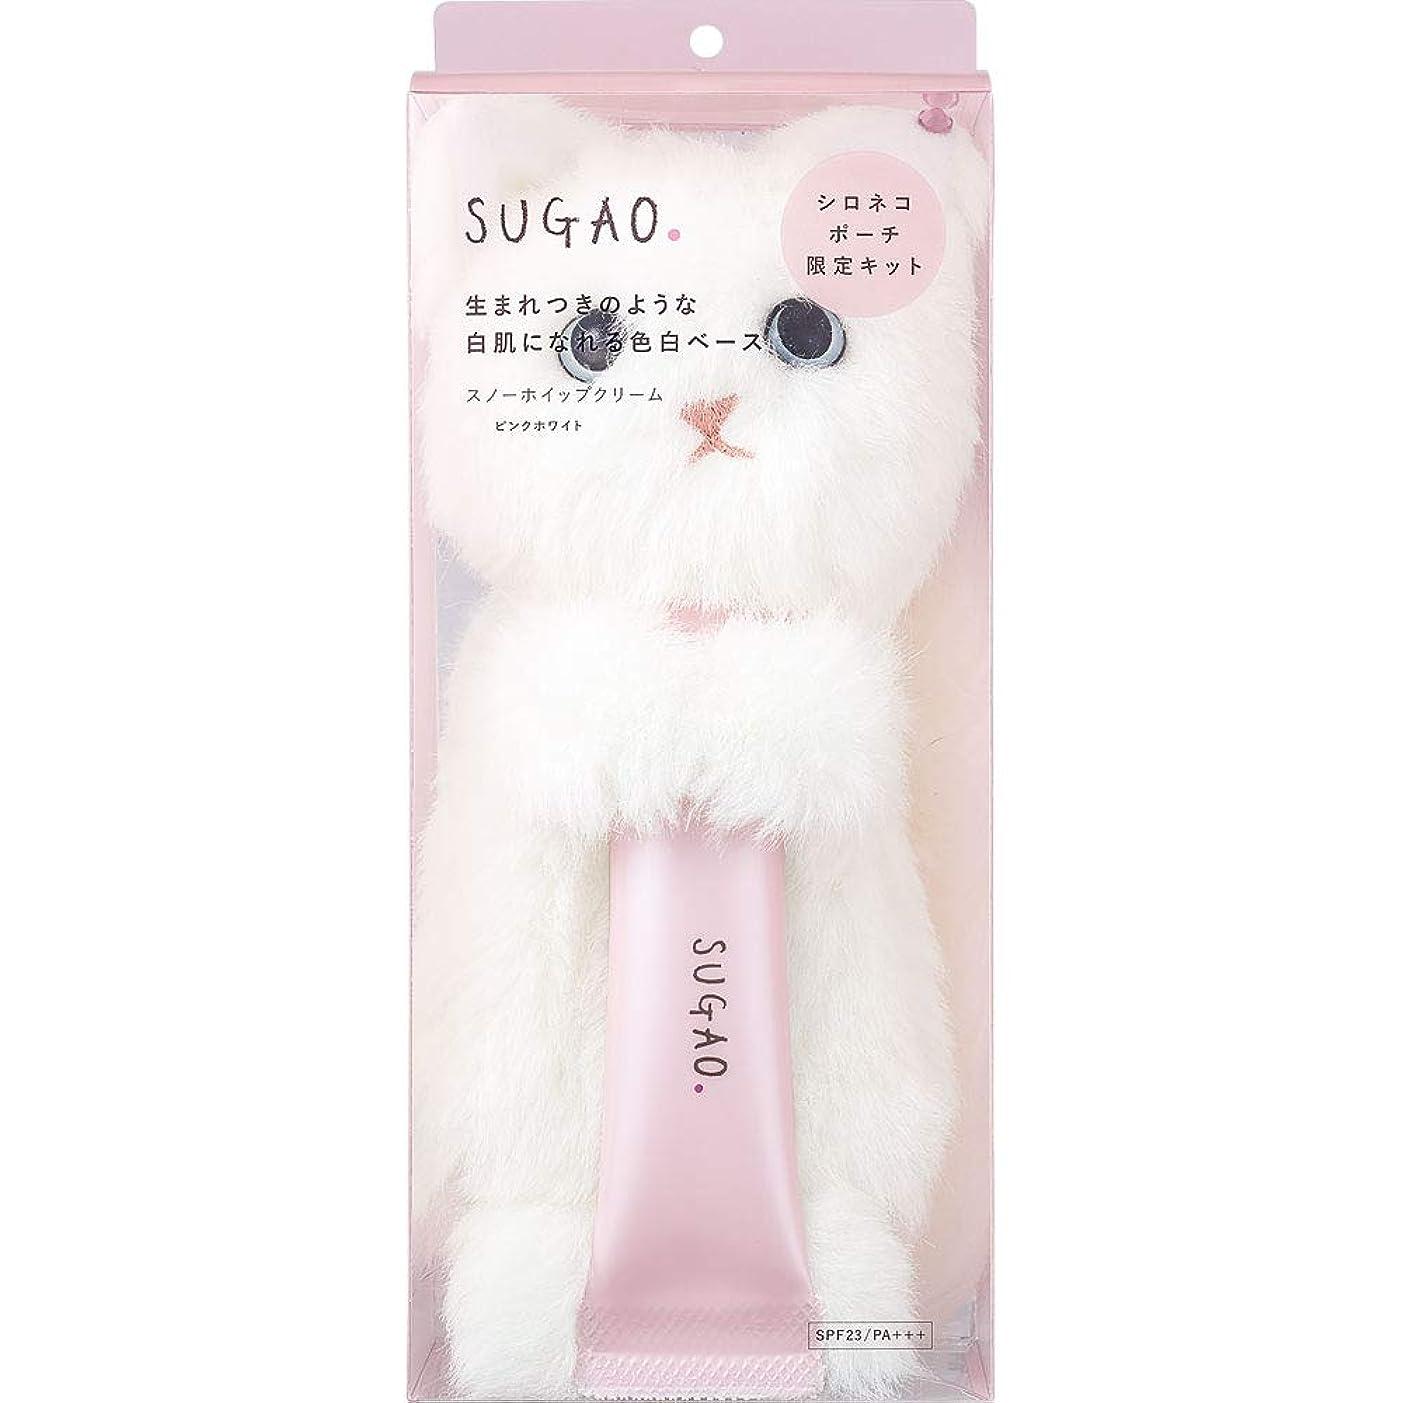 素人オーディション嘆願スガオ (SUGAO) 化粧下地 スノーホイップクリーム シロネコポーチ付き